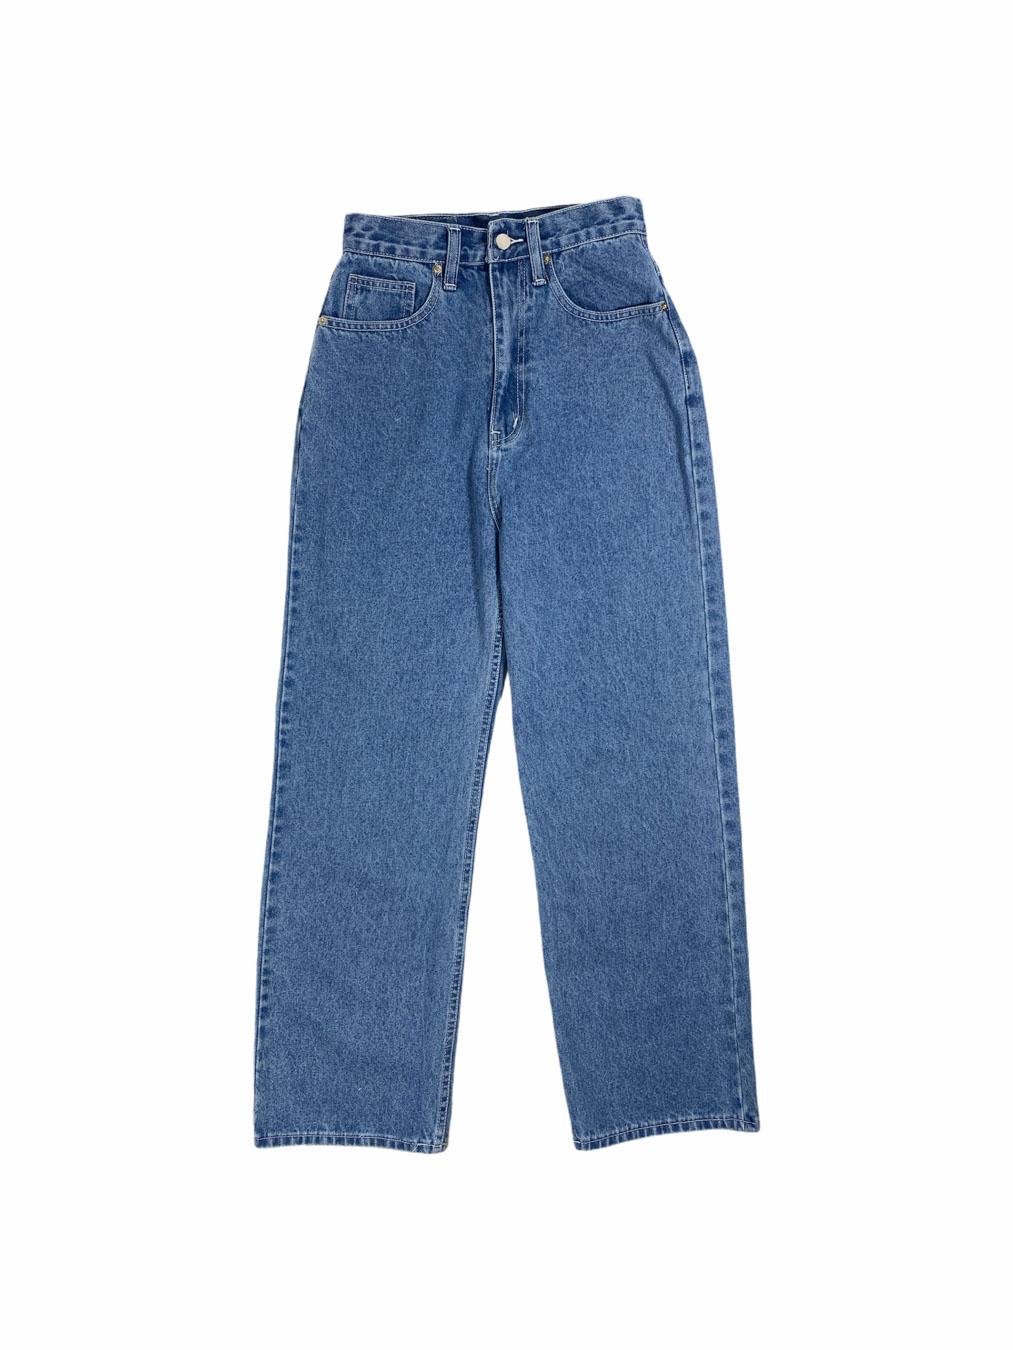 Poppy Jeans (Light Denim)